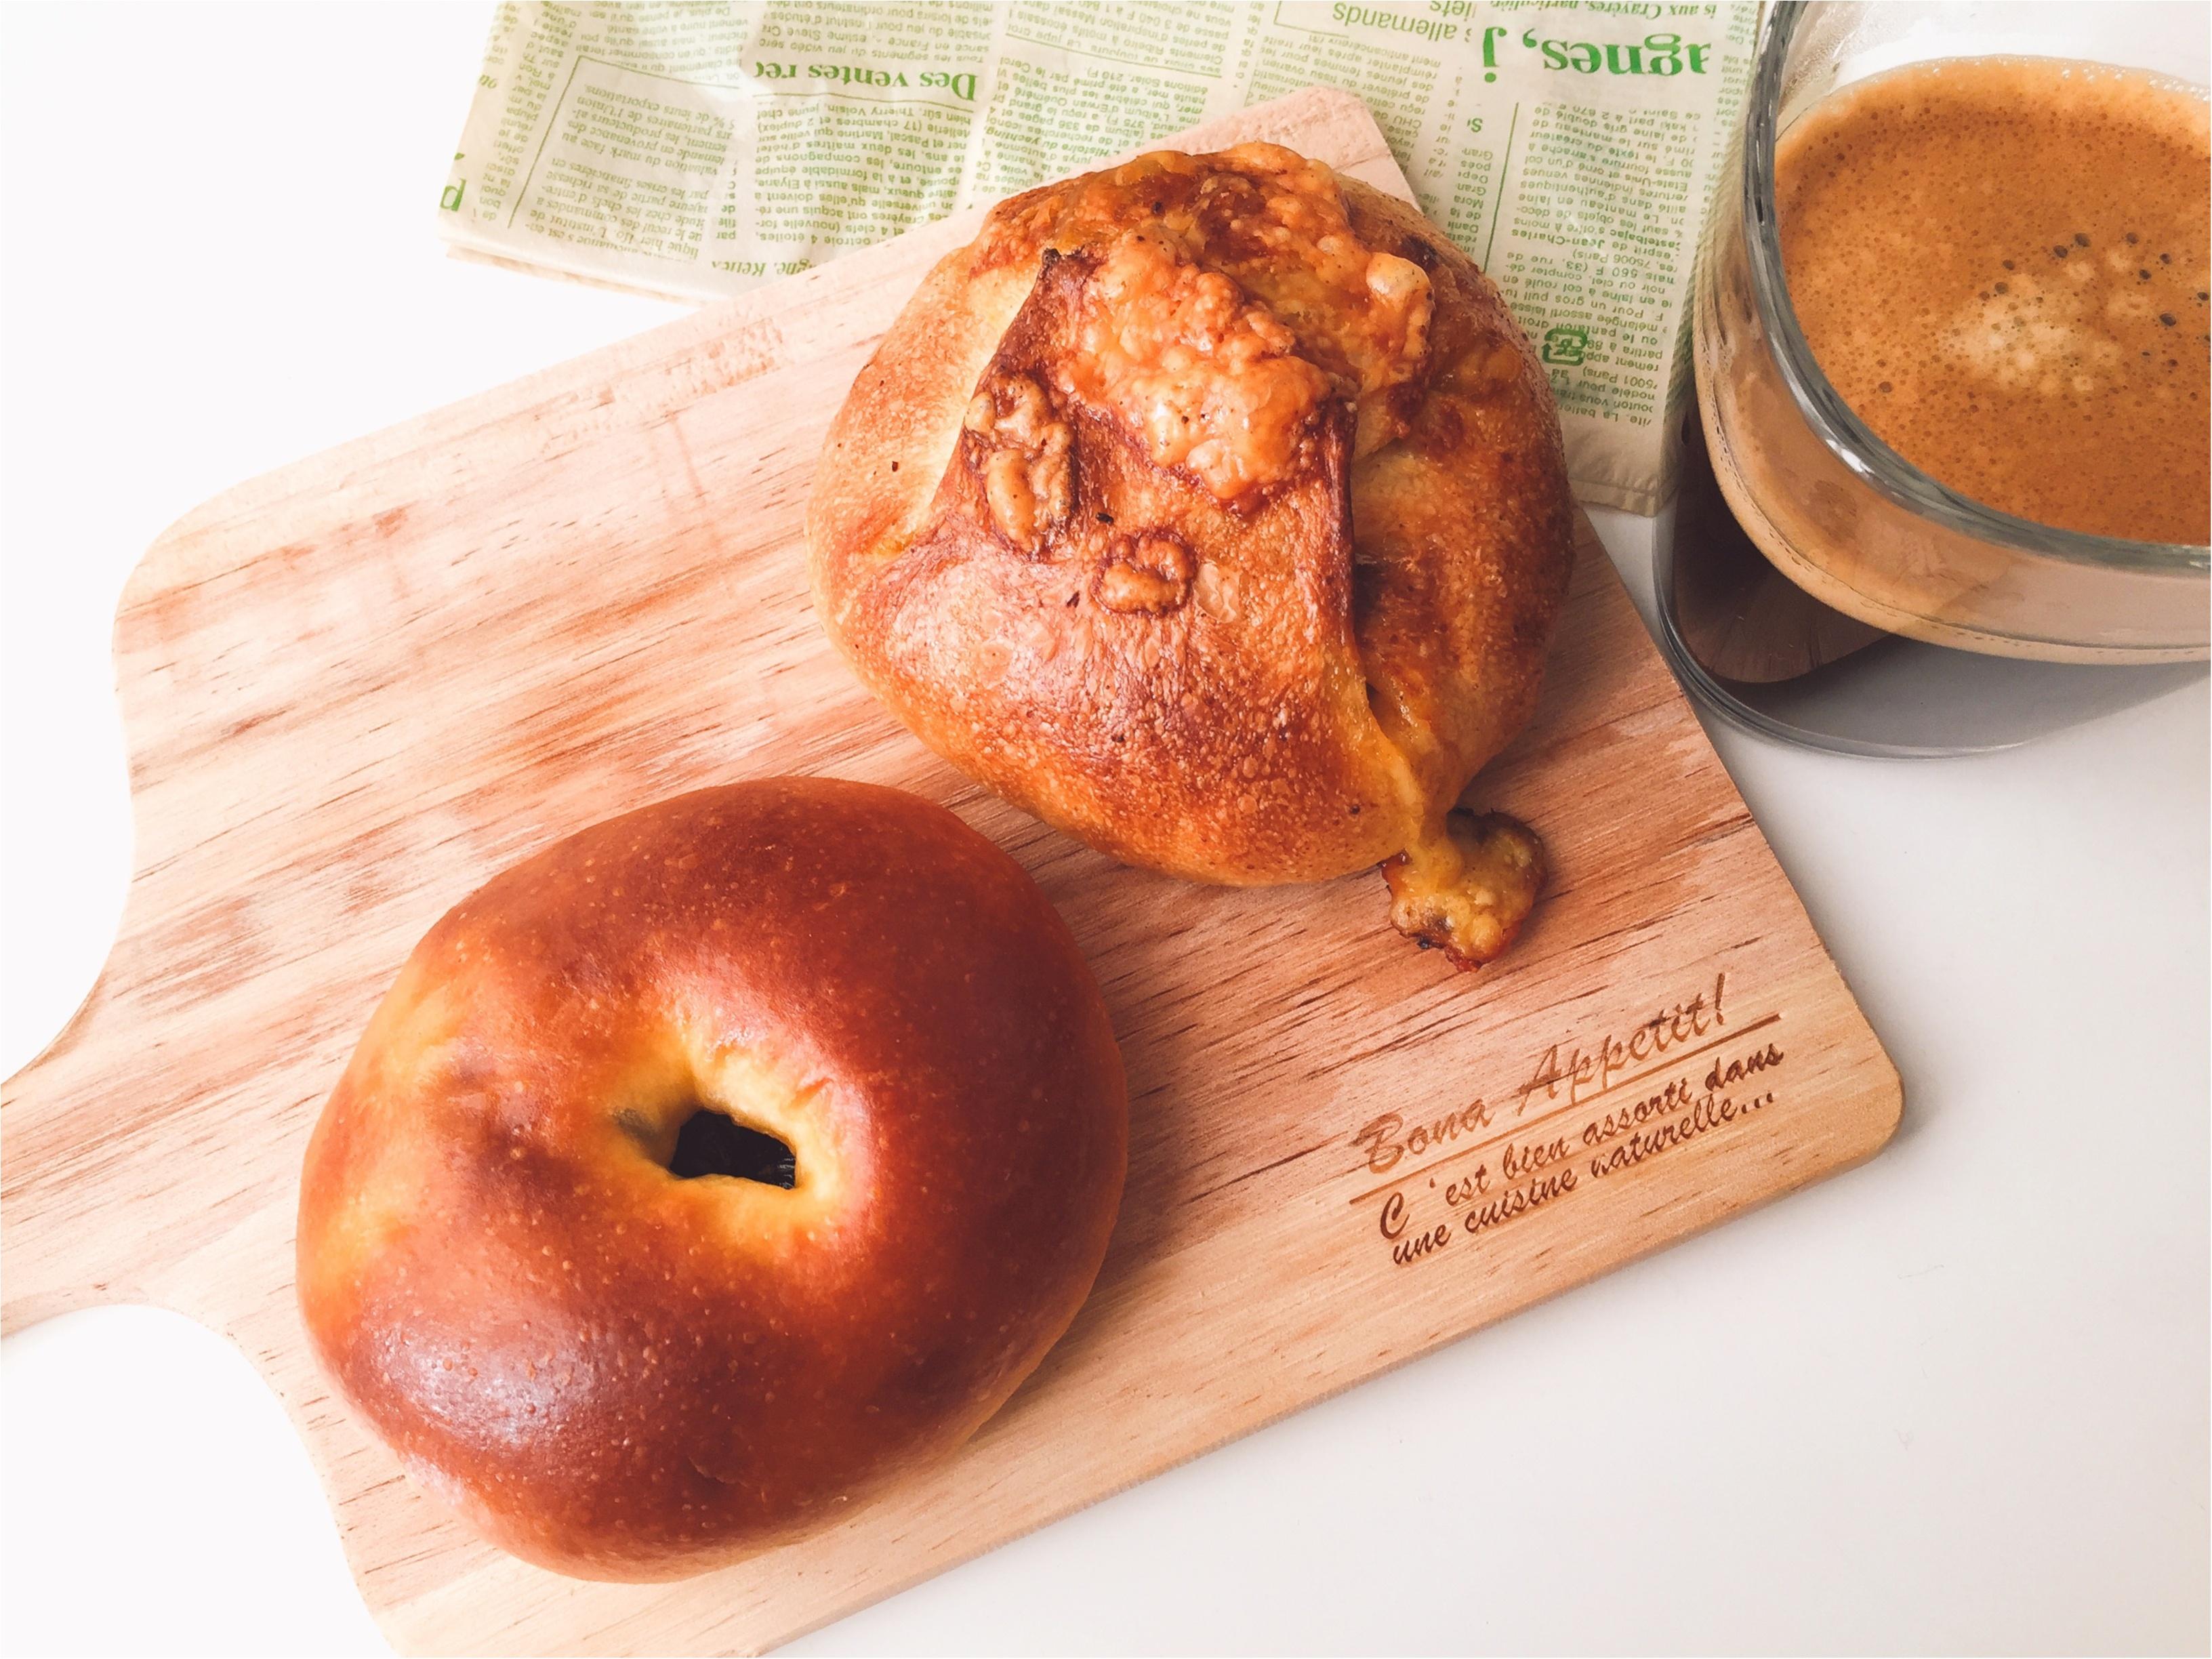 東京の美味しいパン屋巡り〜焼きチーズカレーパンと言えば?〜_1